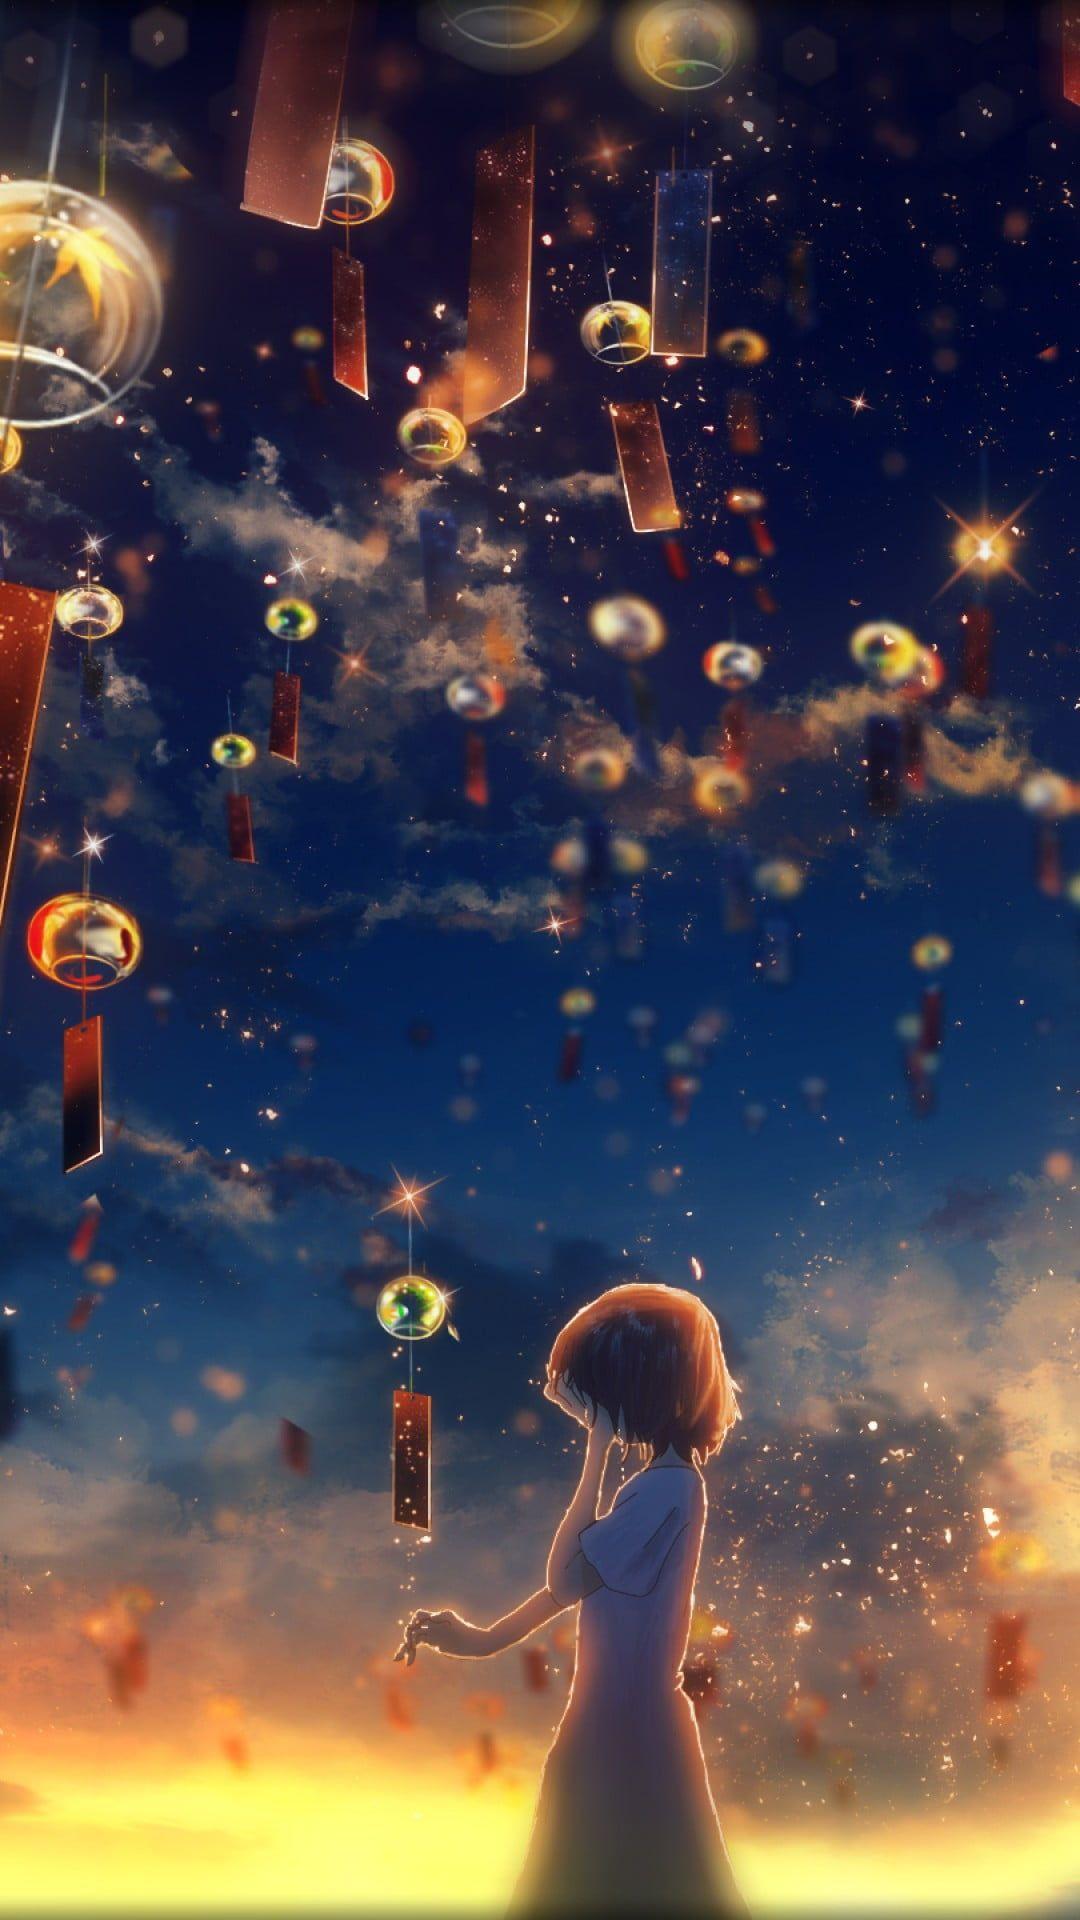 Hình nền Tết anime cho điện thoại cực đẹp